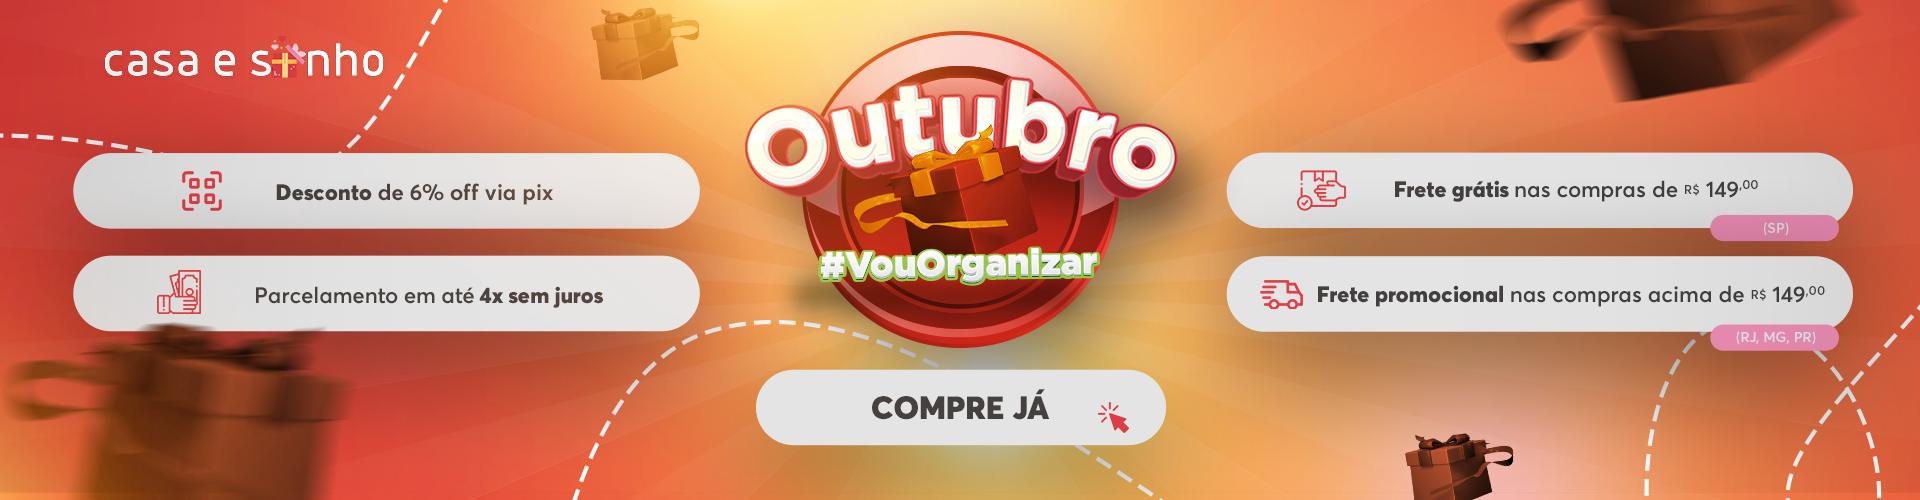 Organizadores_2